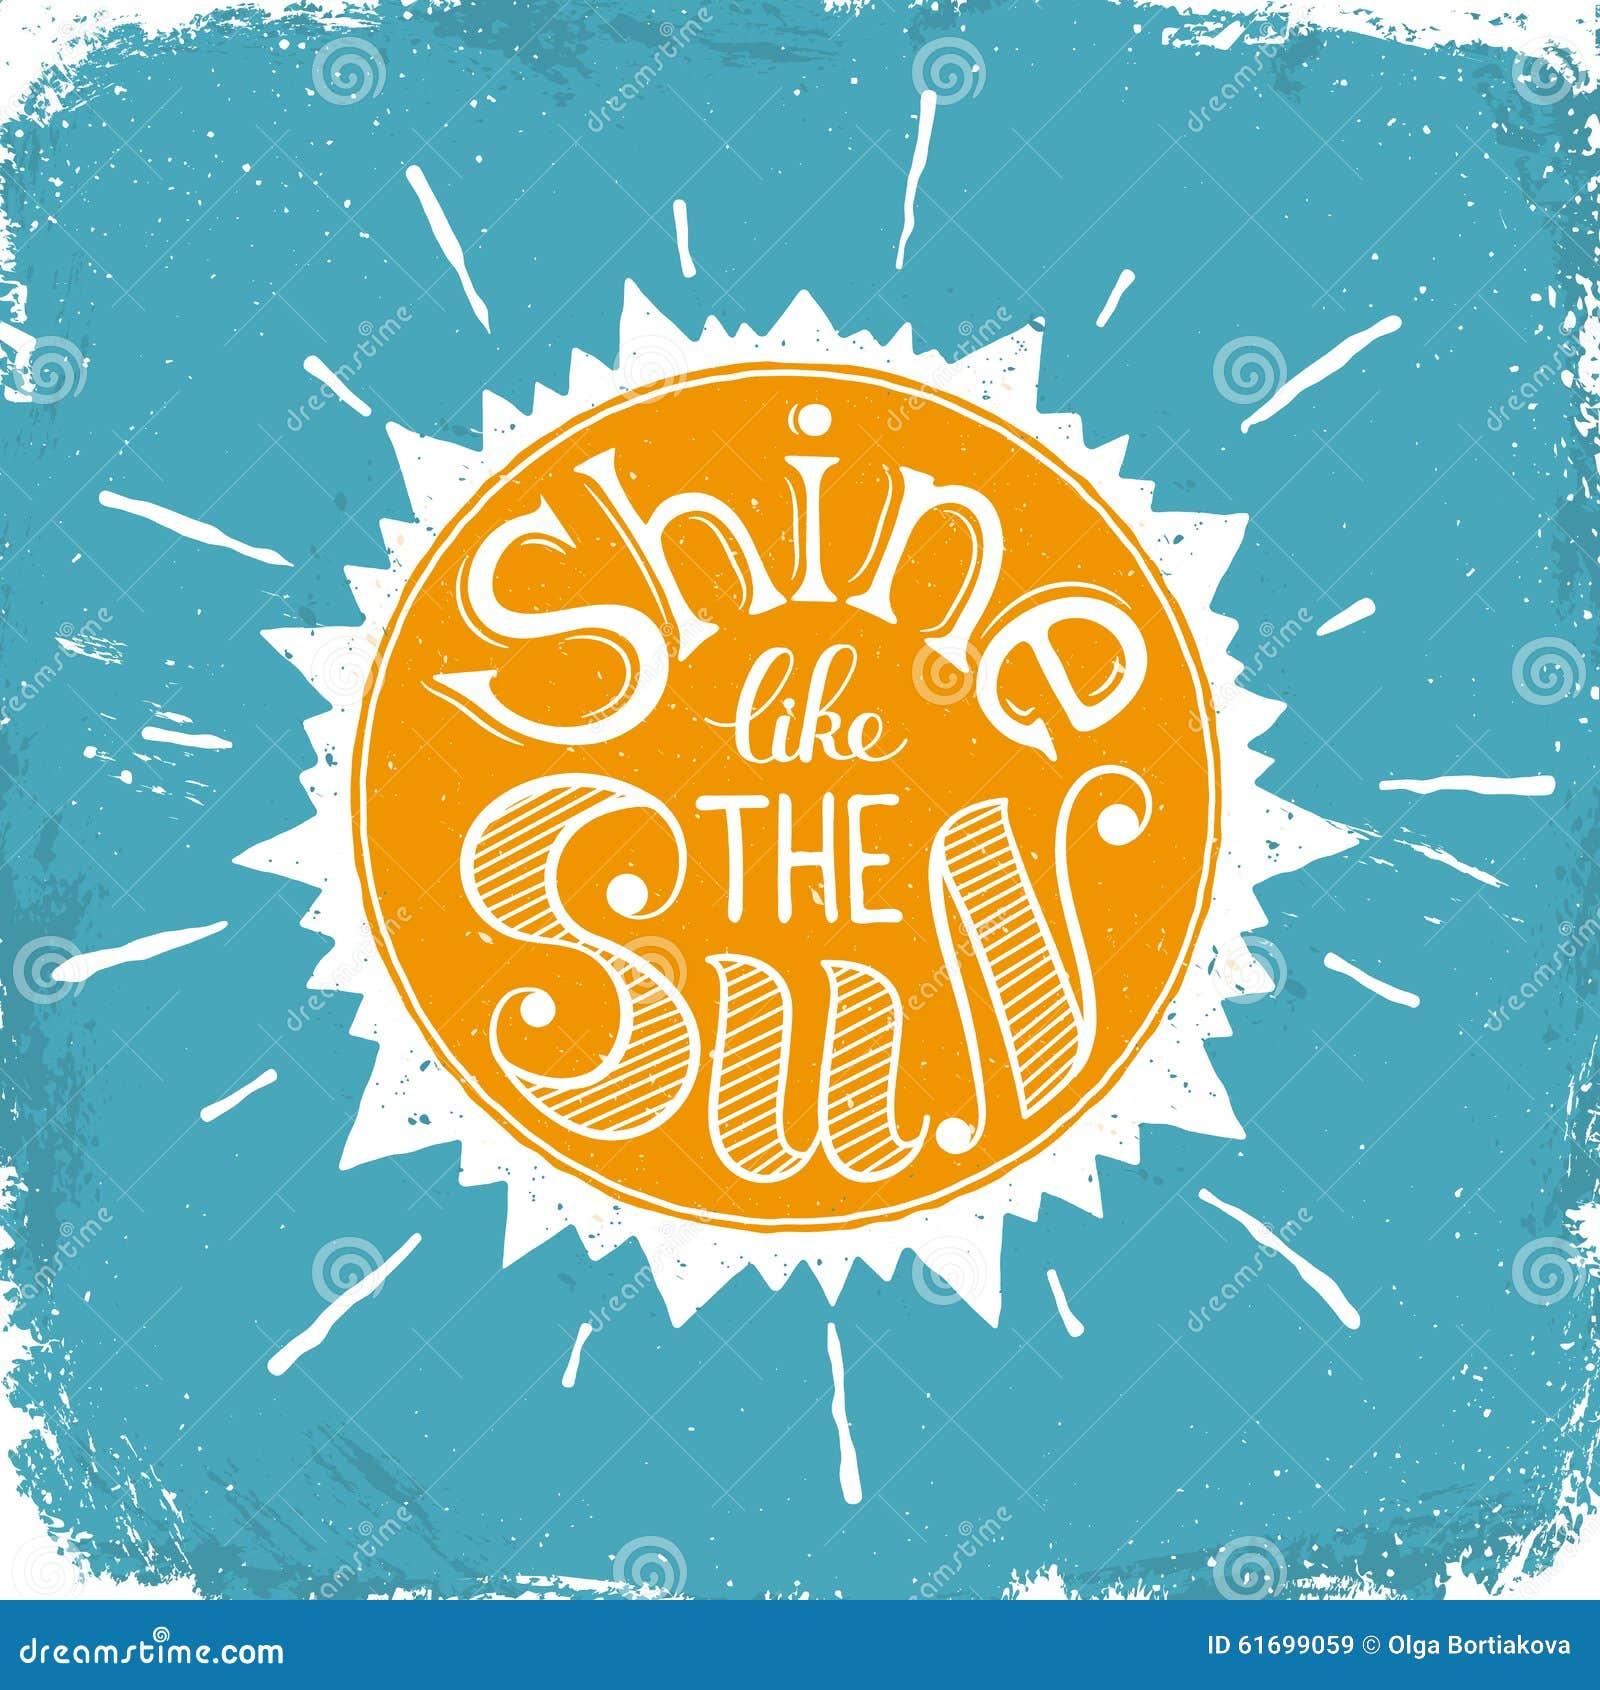 like the sun 网易云音乐是一款专注于发现与分享的音乐产品,依托专业音乐人、dj、好友推荐及社交功能,为用户打造全新的音乐生活.